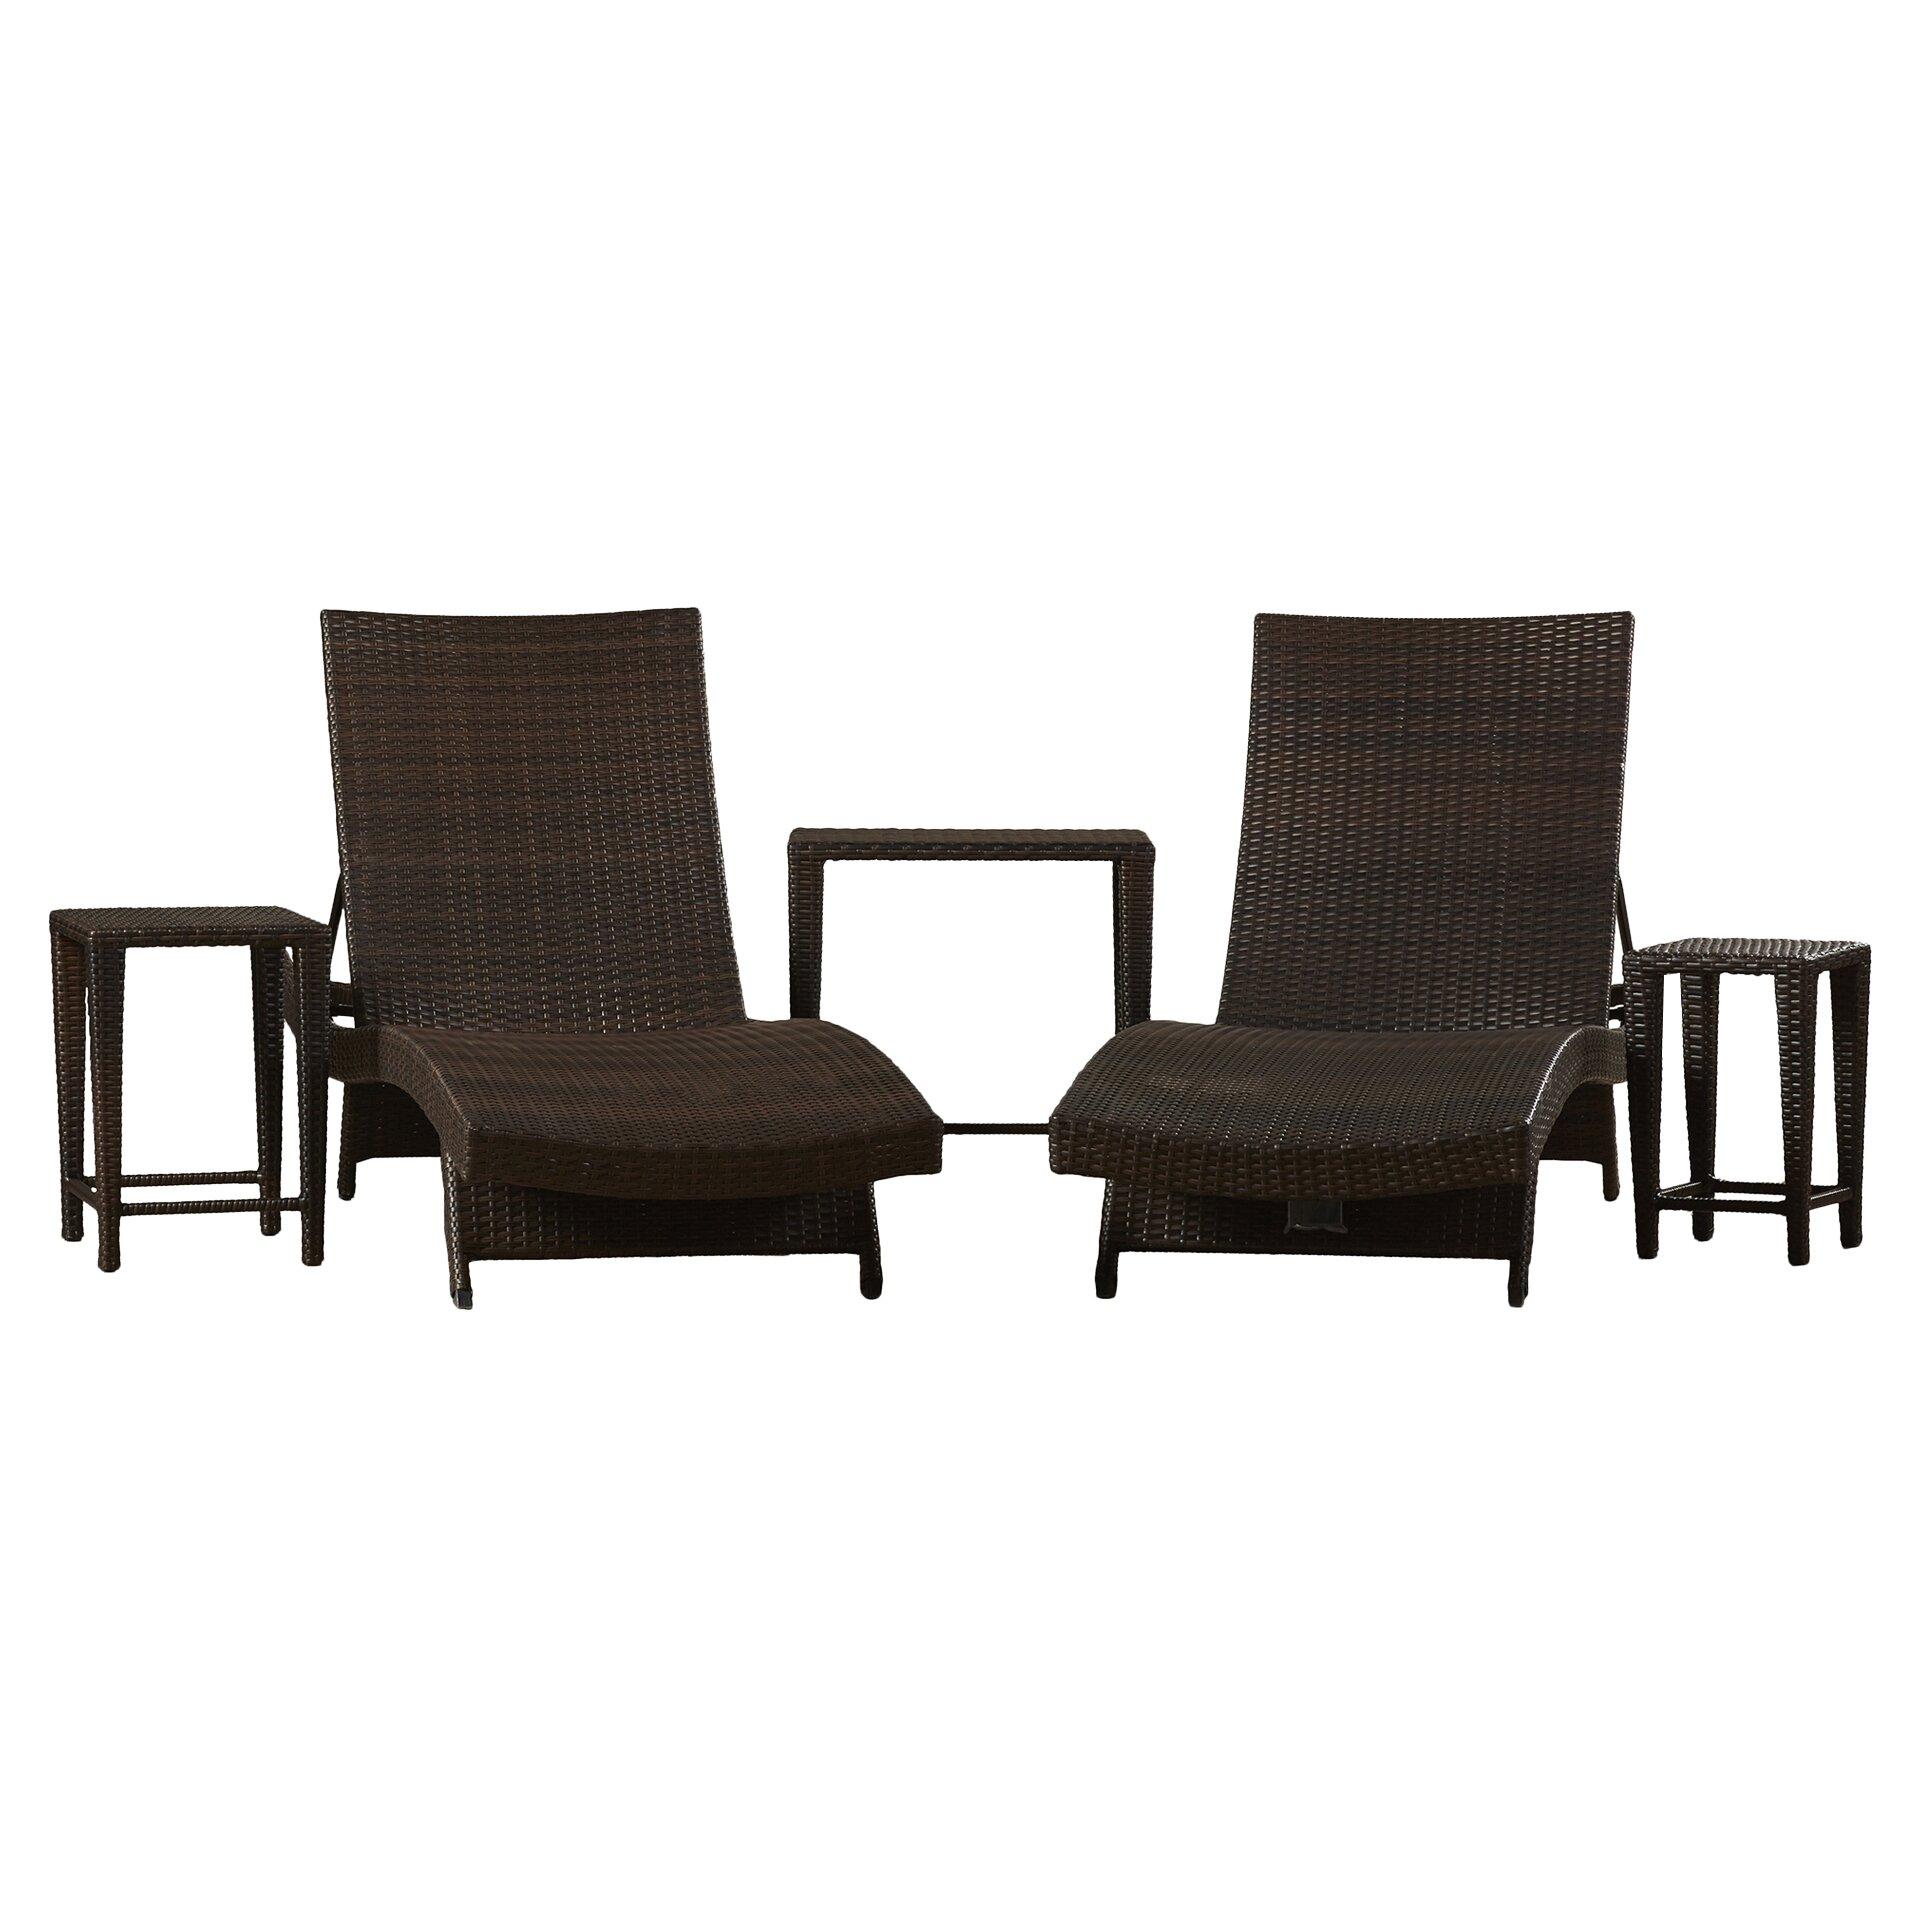 Table chaise encastrable 28 images deco in paris 2 for Table chaise encastrable